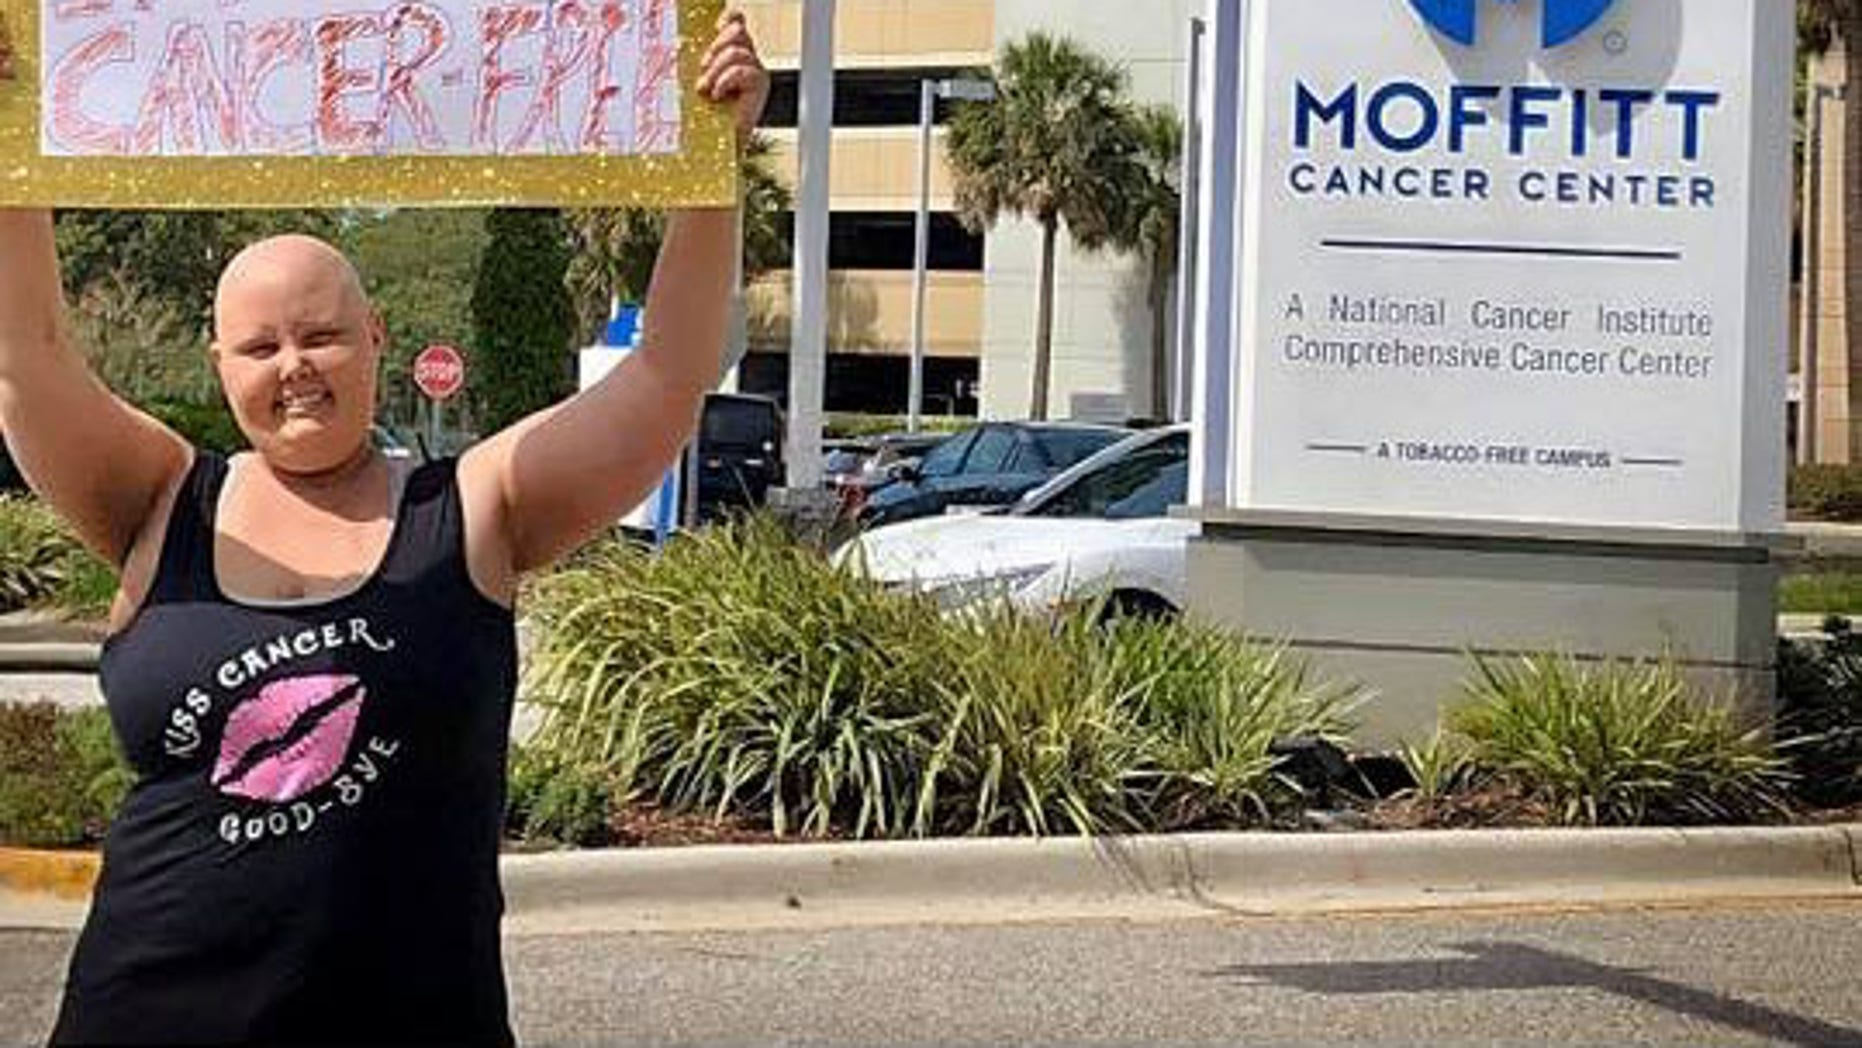 Cori holds sign outside Moffitt Cancer Center